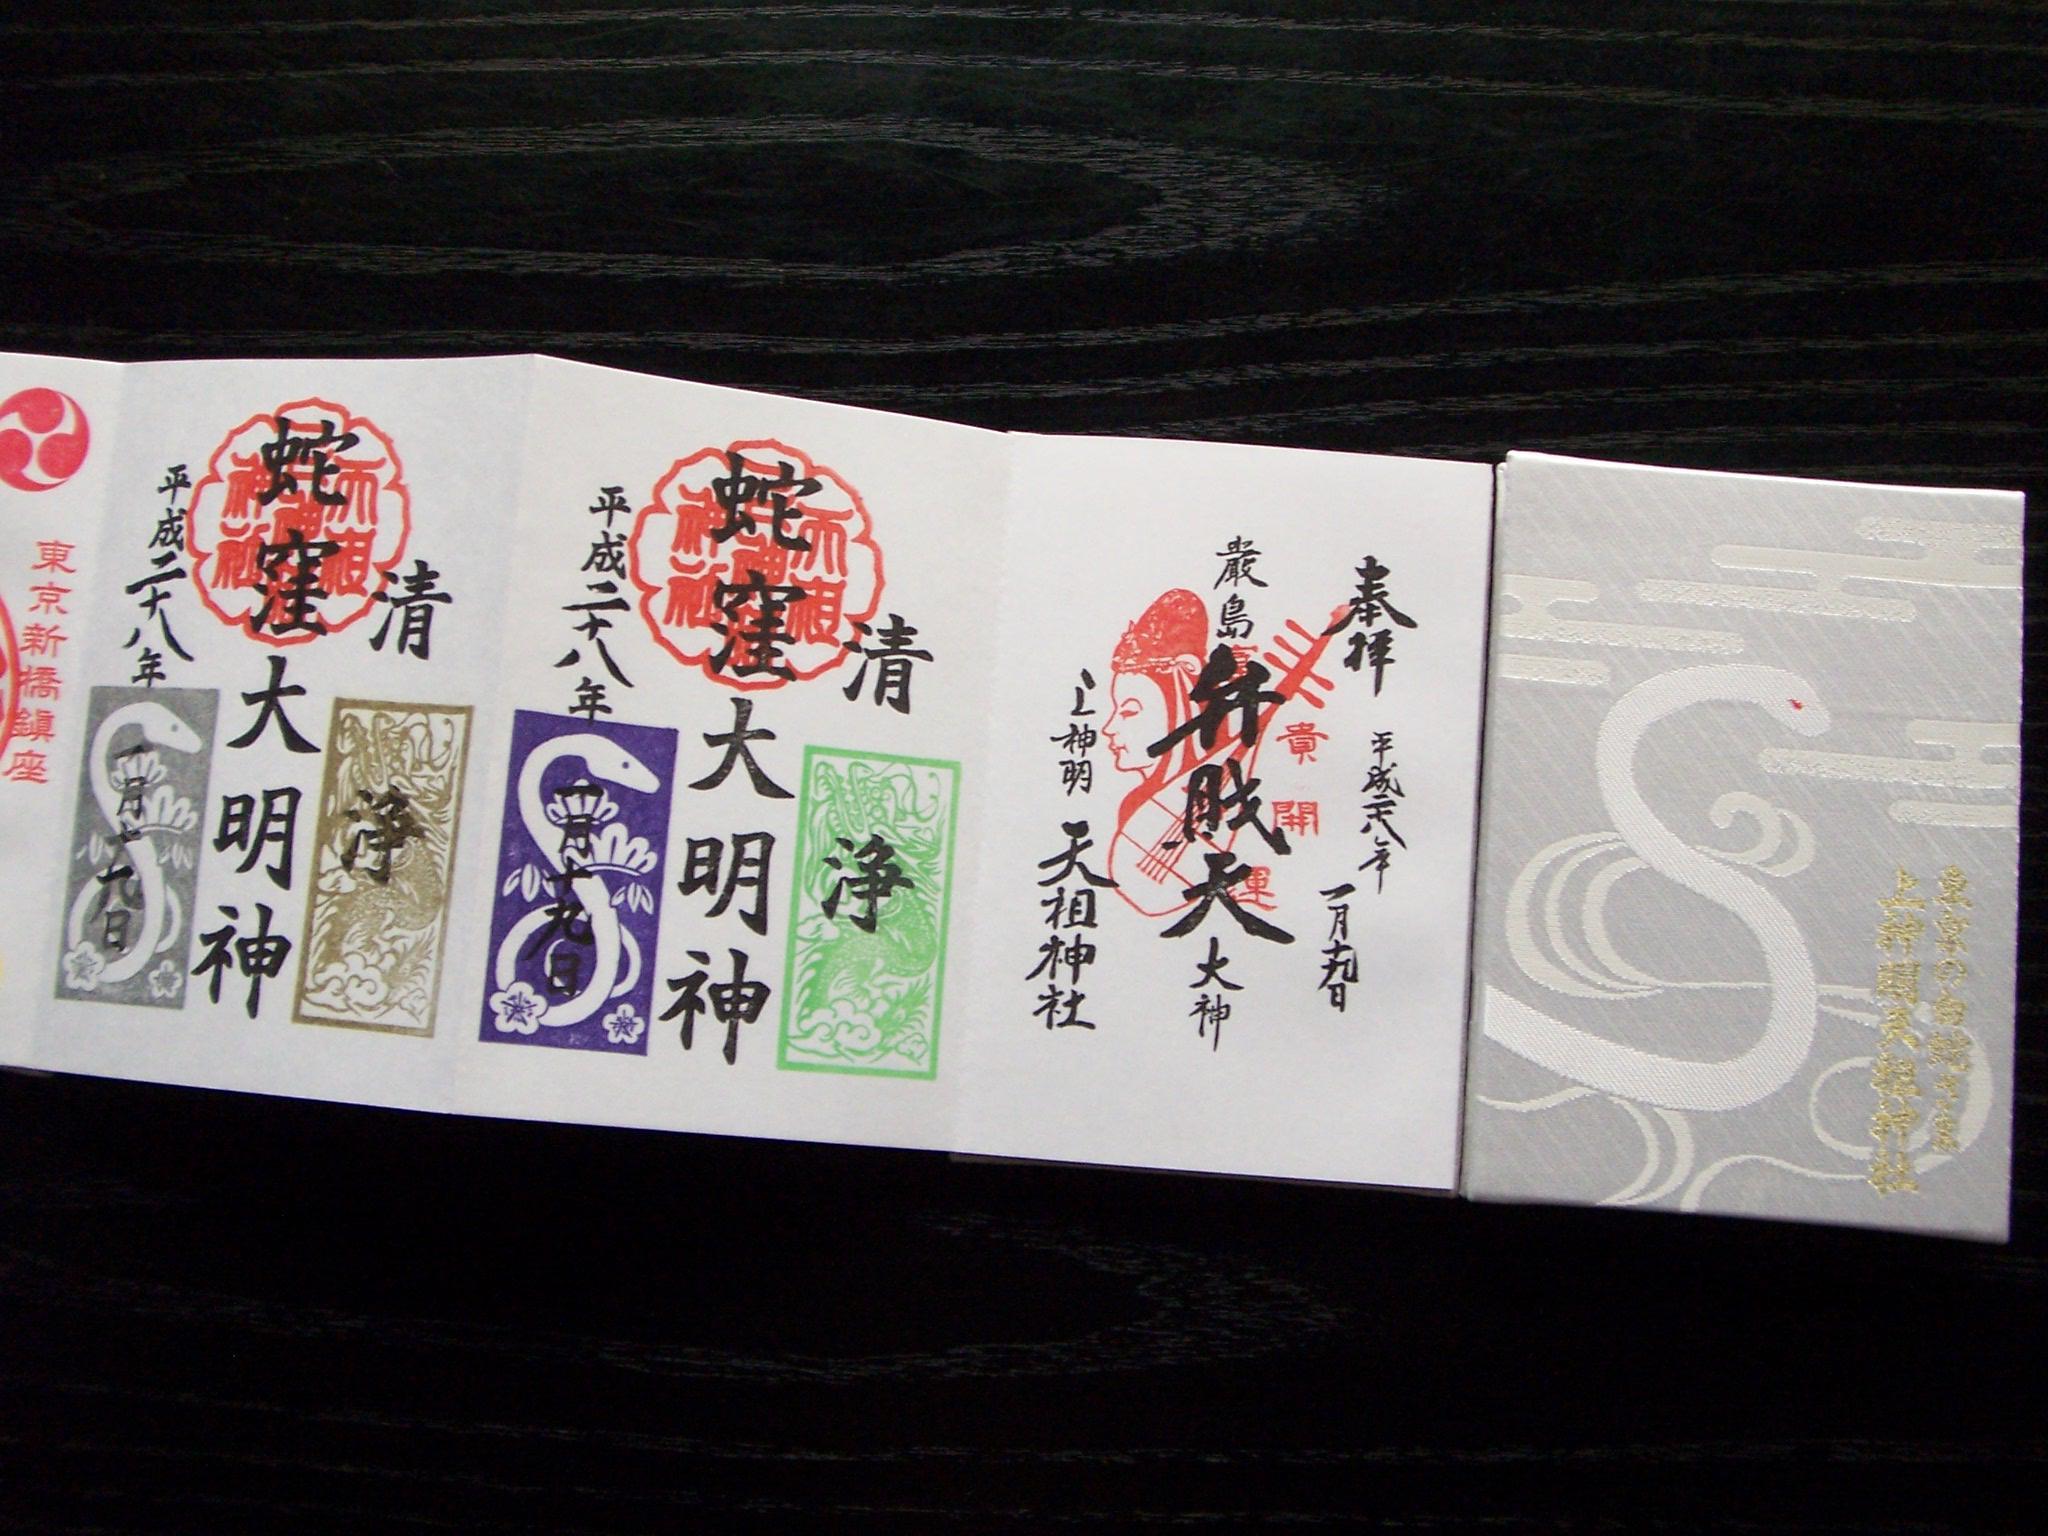 20160610上神明天祖神社・蛇窪大明神.JPG